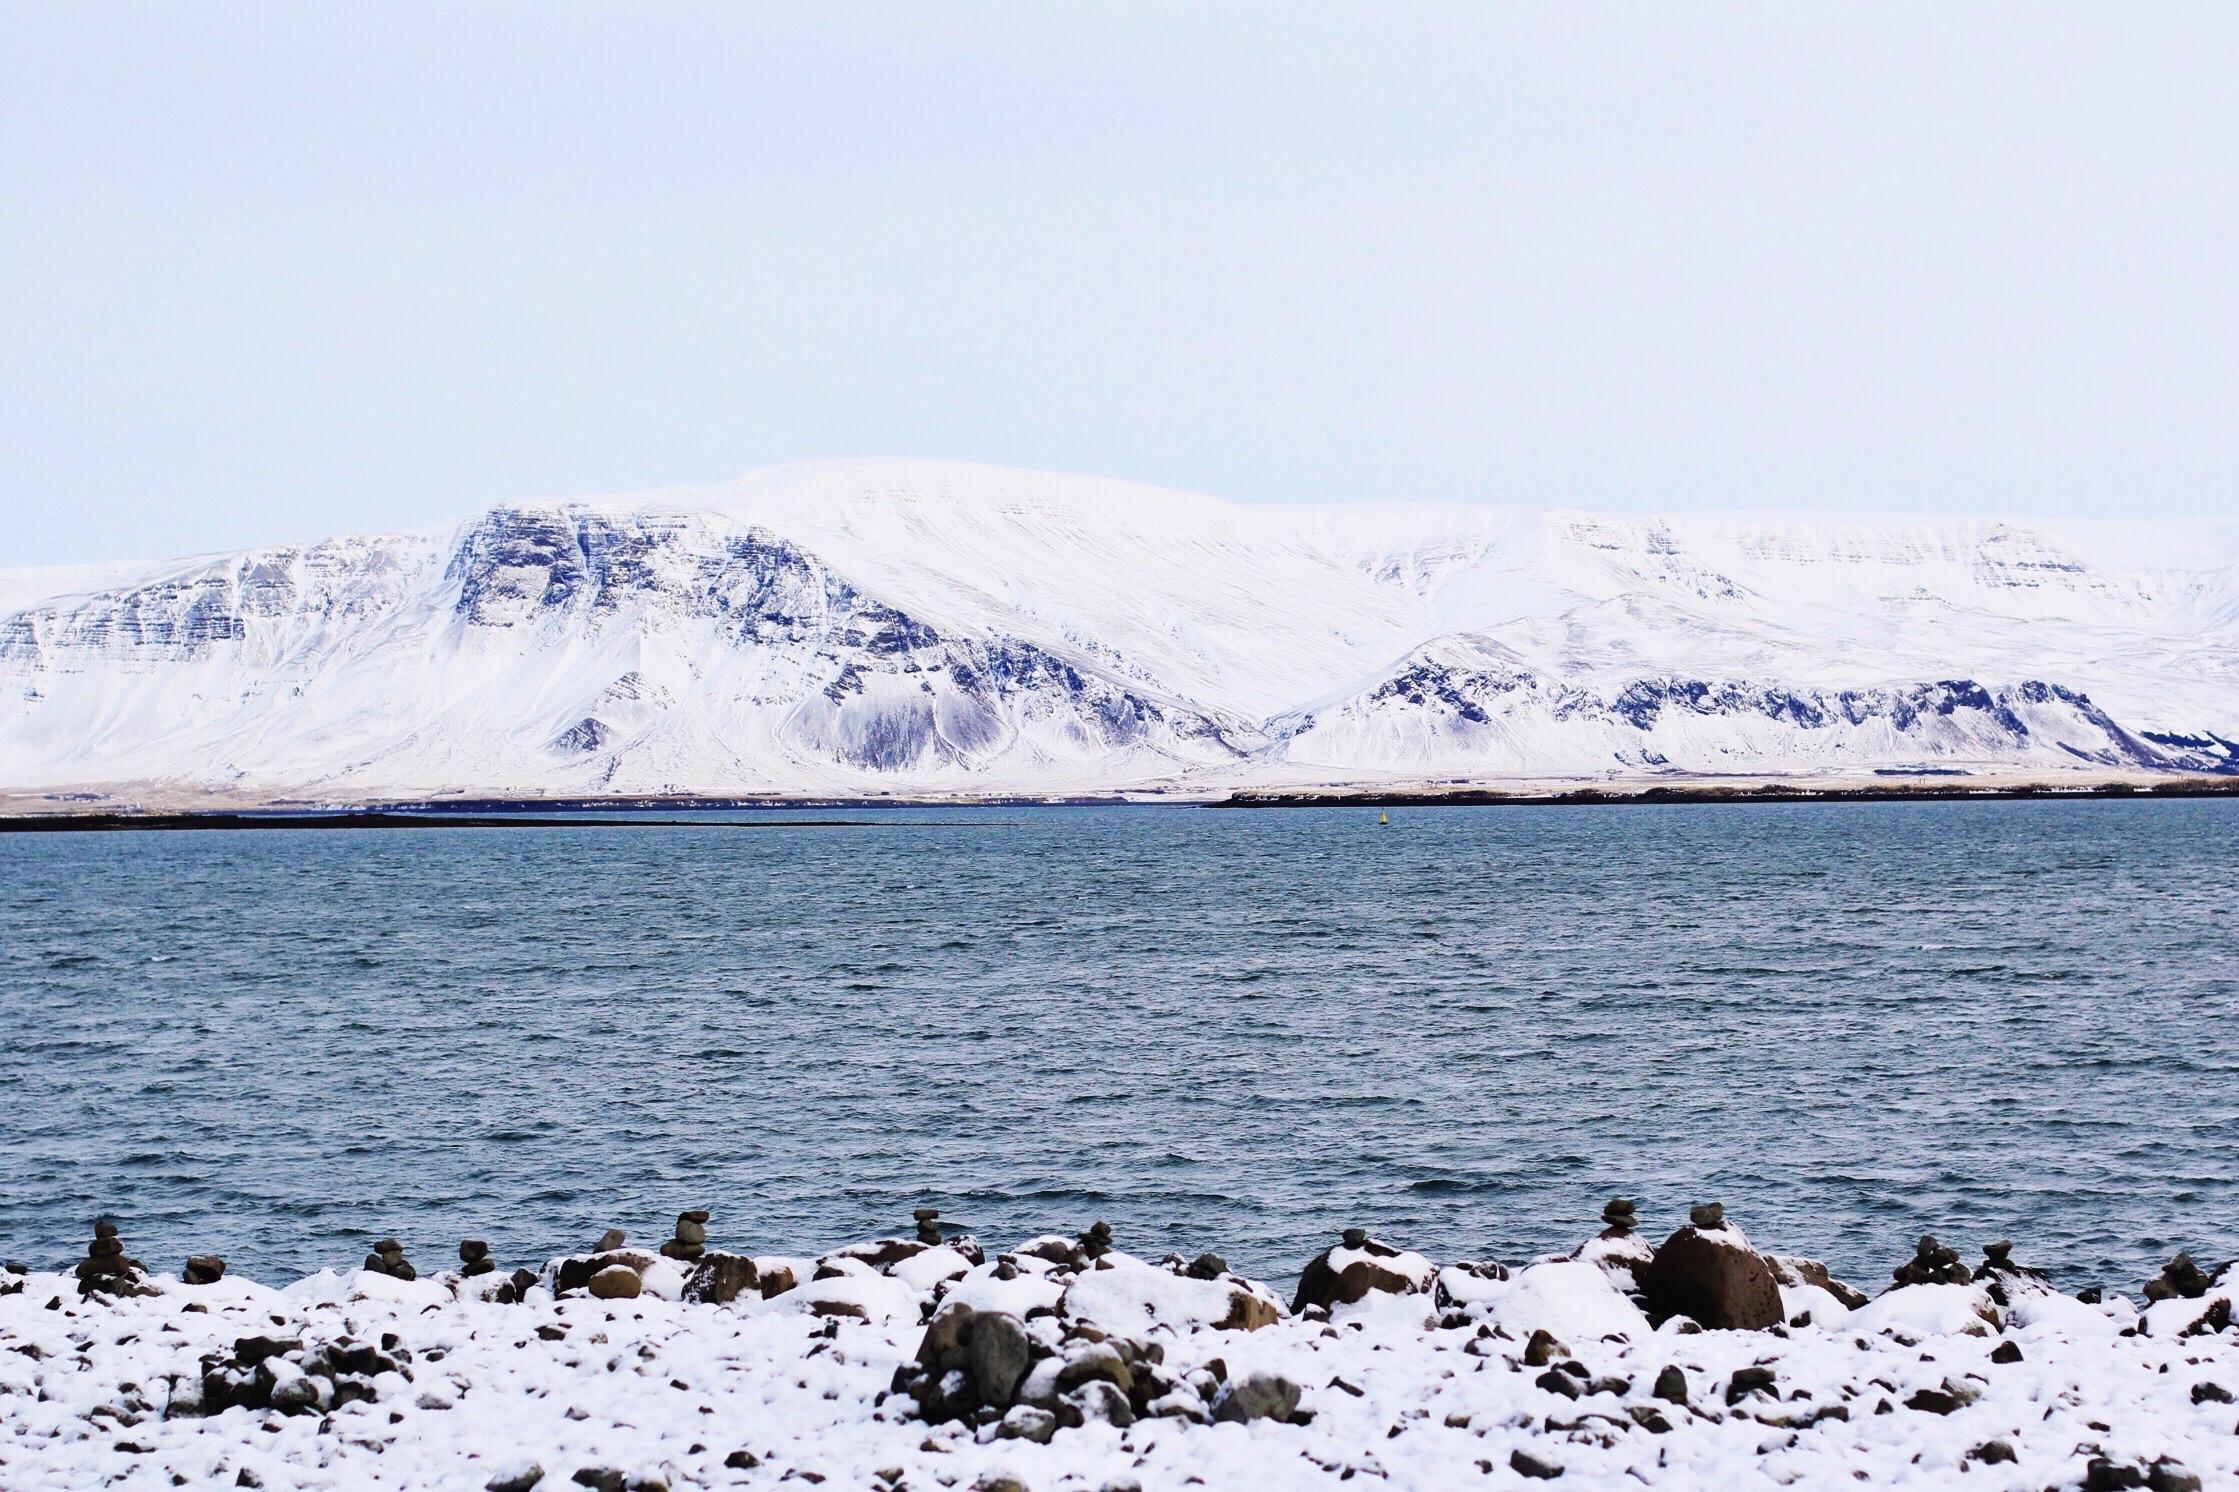 Ocean views in Reykjavik